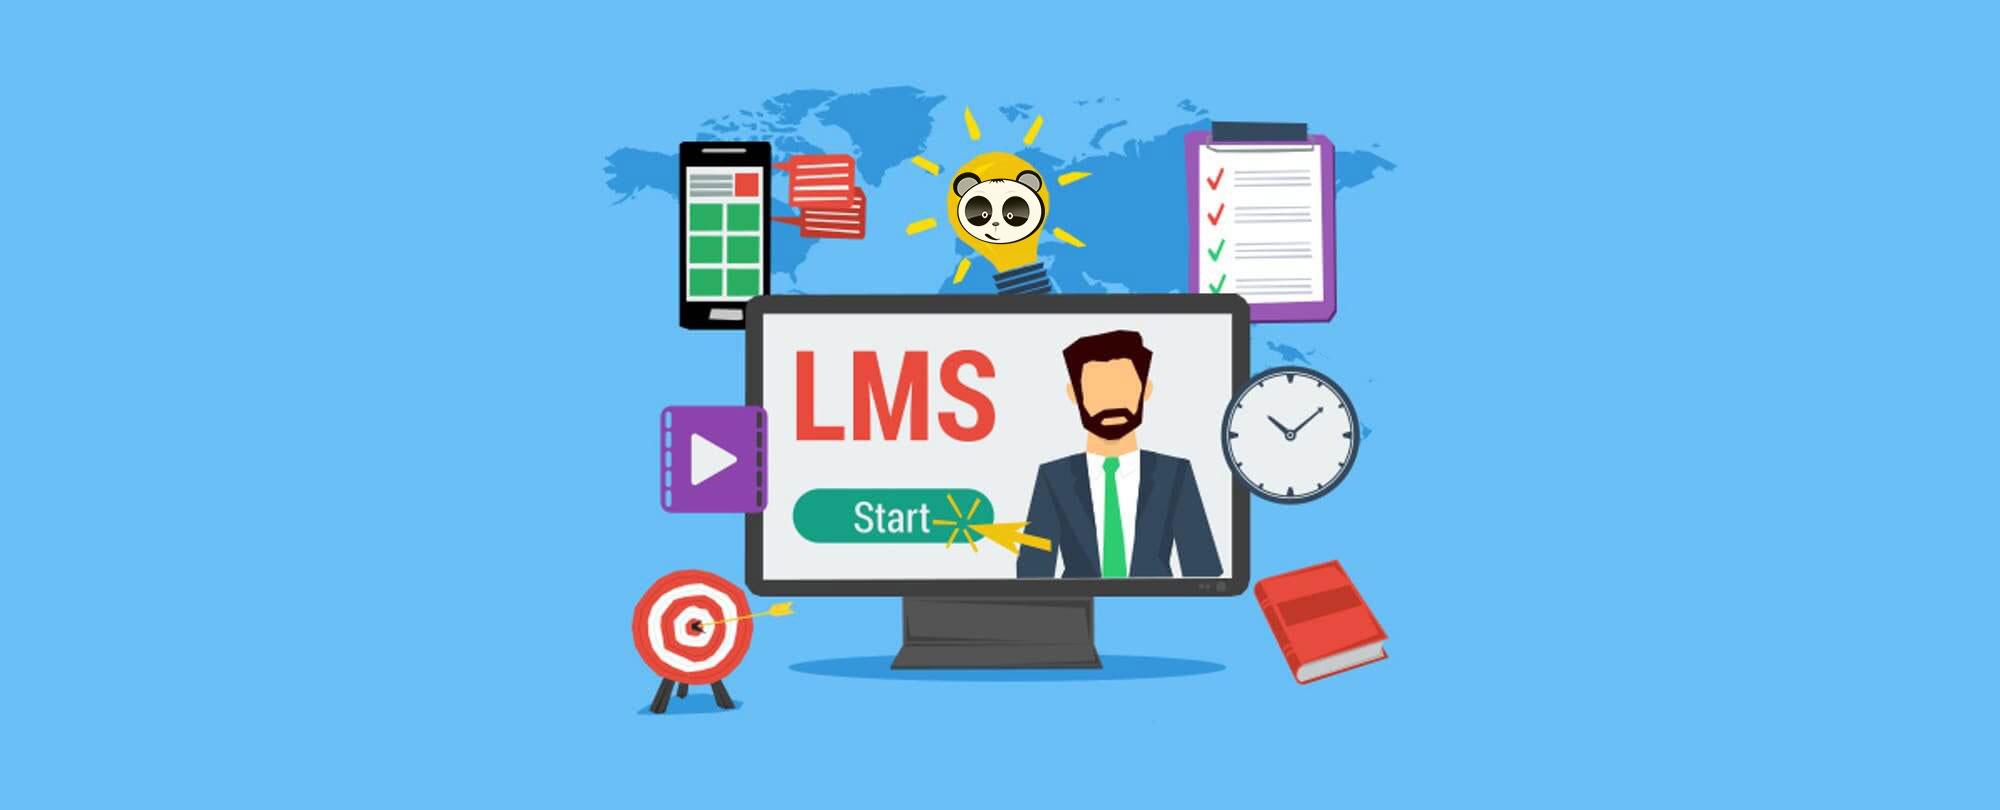 Một phần mềm LMS cần hoàn thiện với đầy đủ các chức năng